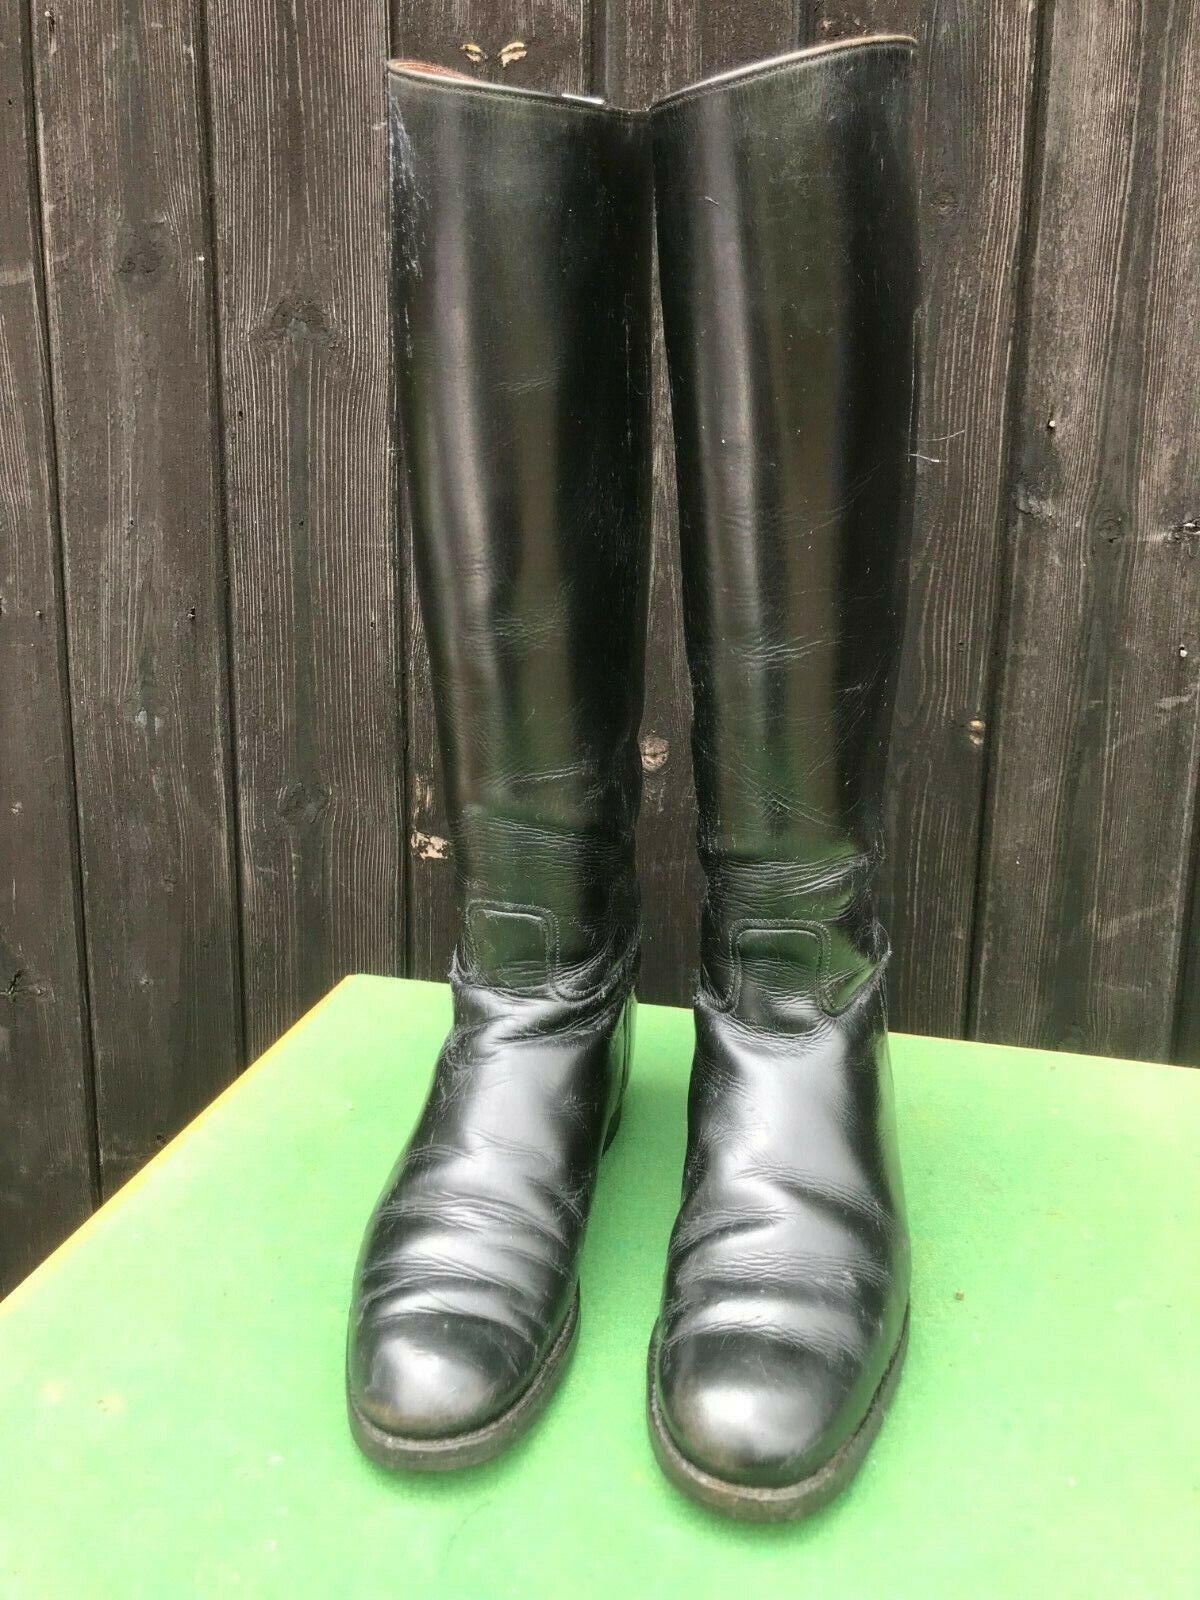 Stivali cavtuttierizza in pelle nera, taglia UK 55.5